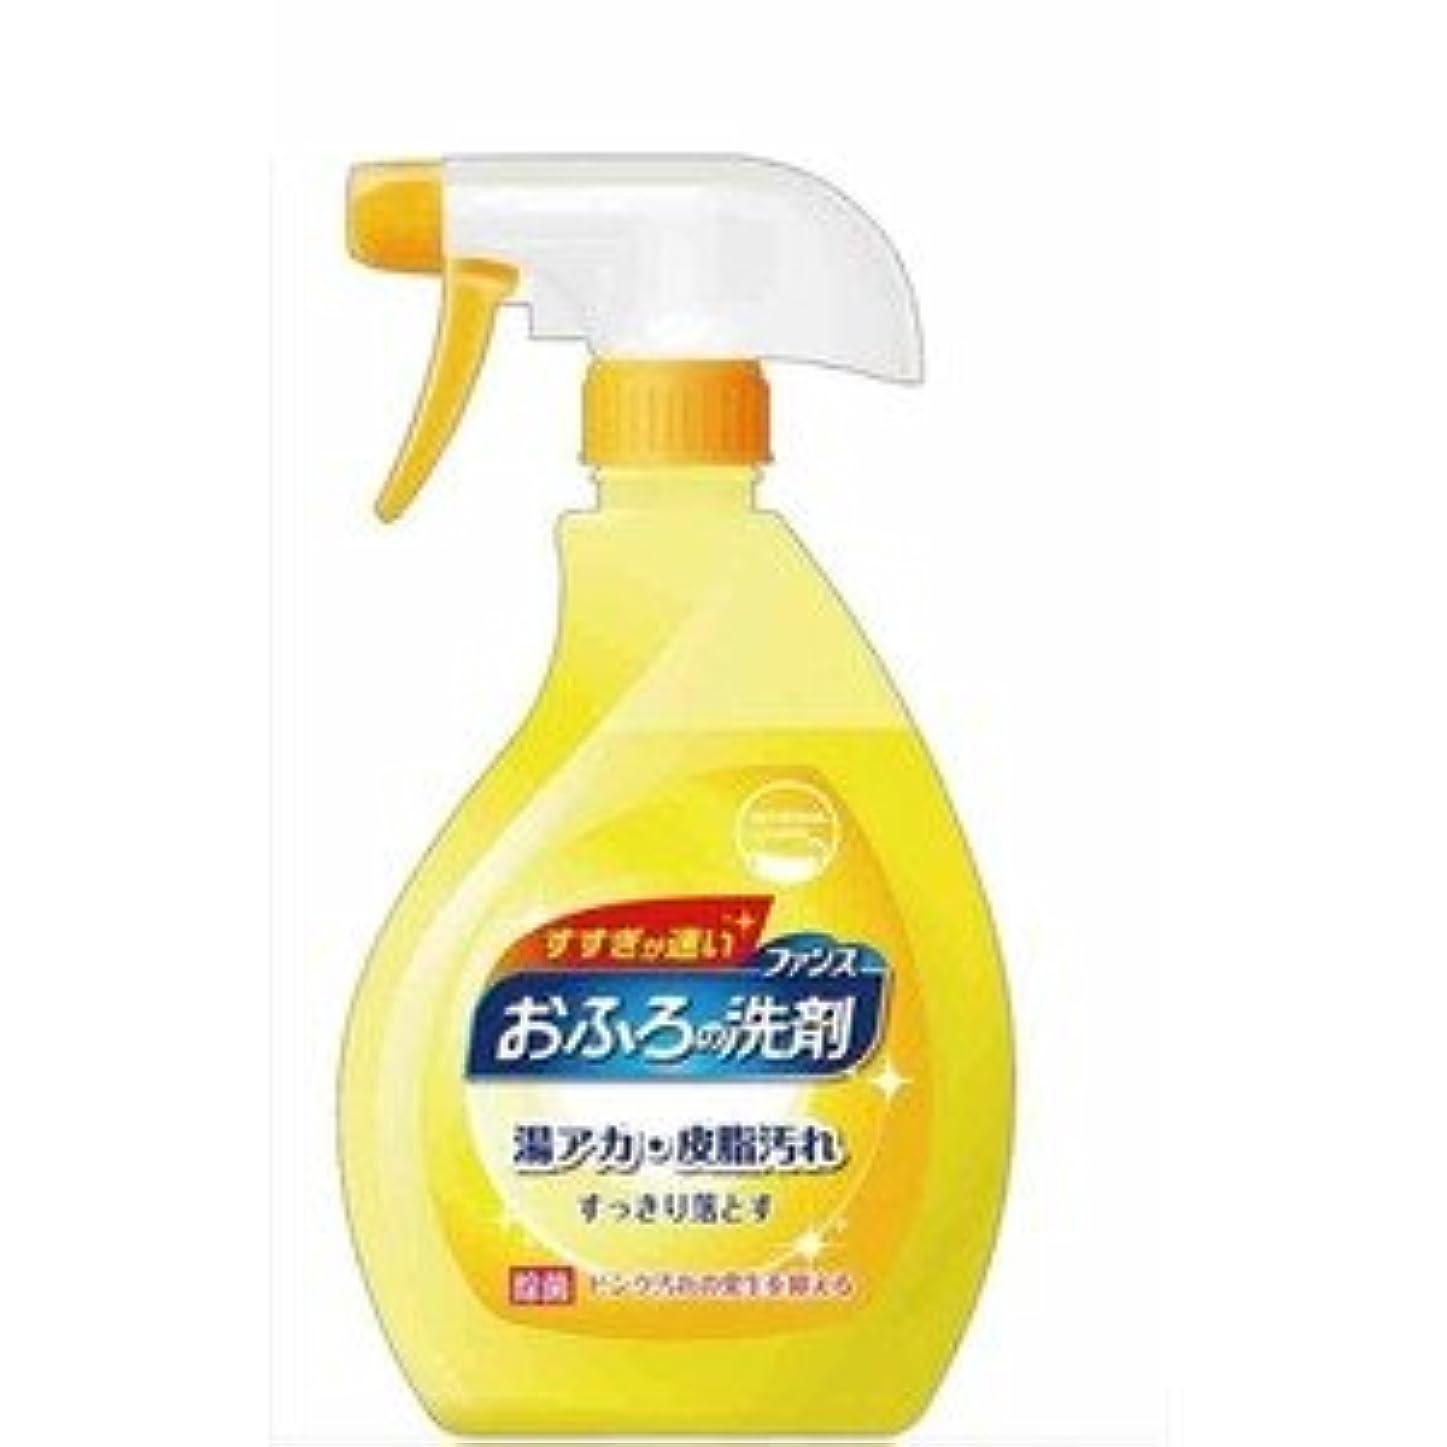 トリクル威信刈り取るルファンスおふろの洗剤オレンジミント本体380ml 46-238 【120個セット】